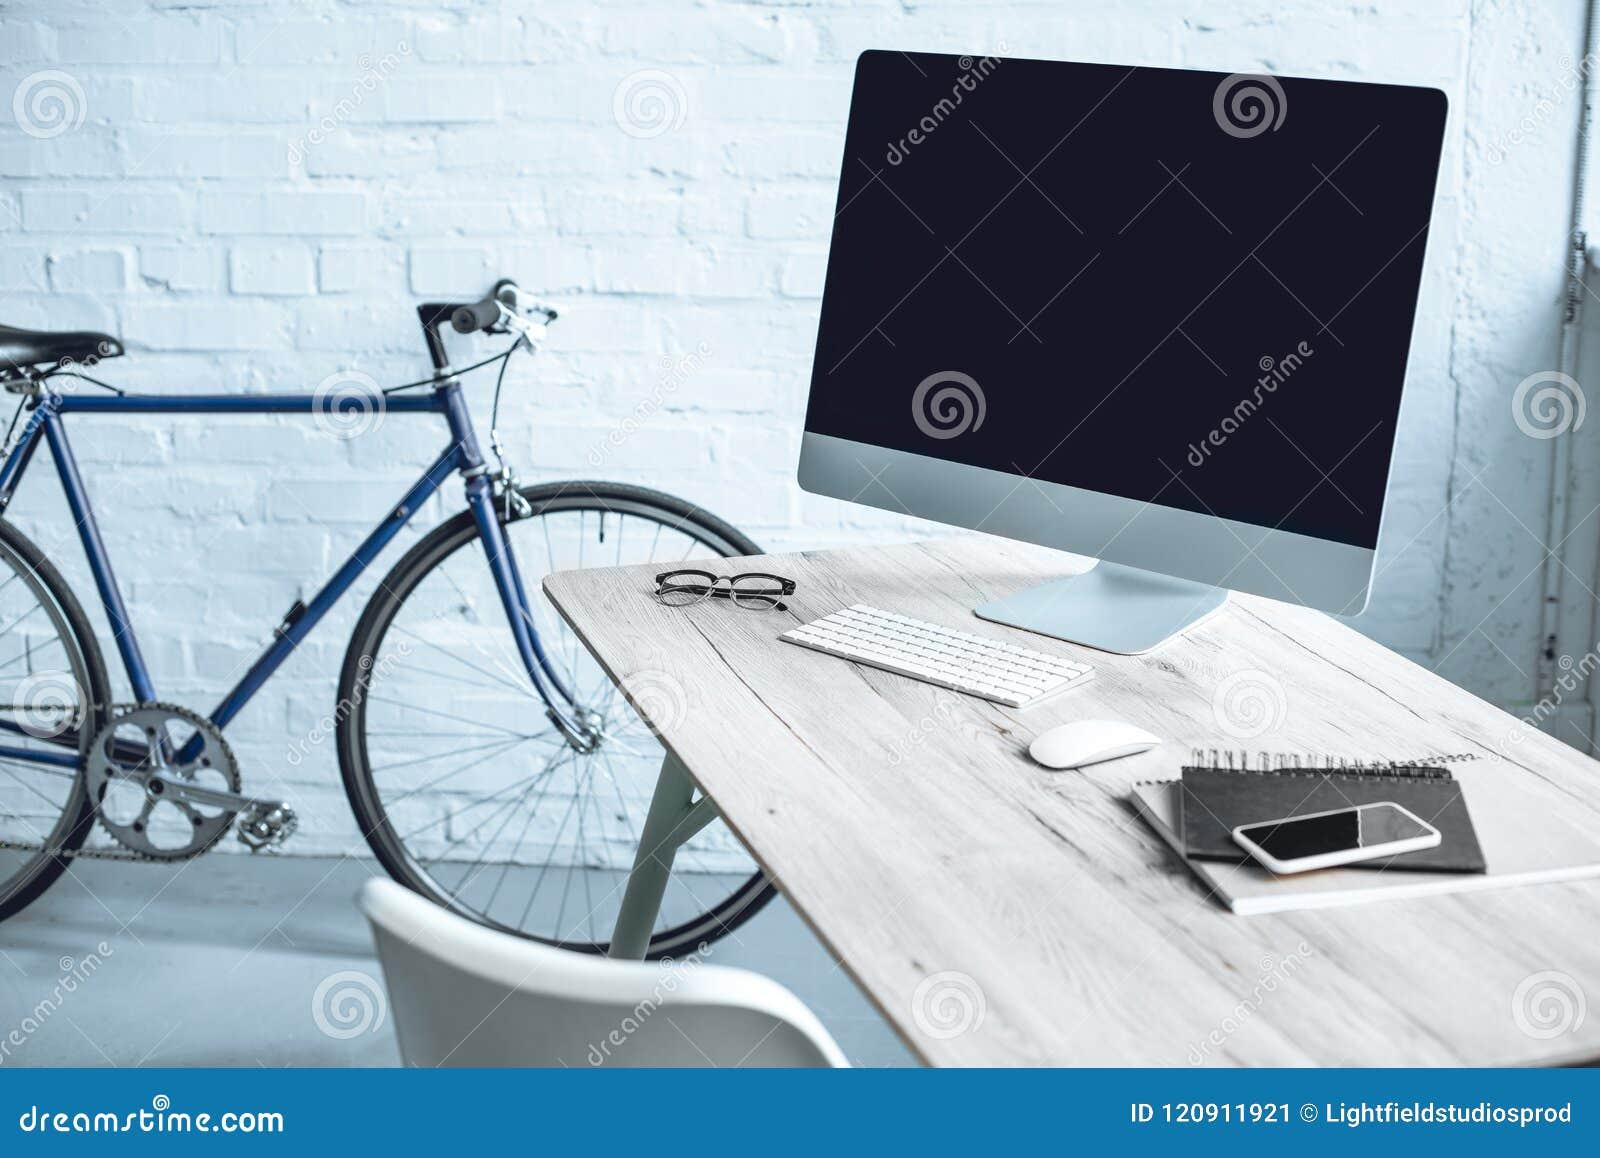 современное рабочее место с настольным компьютером и электроникой